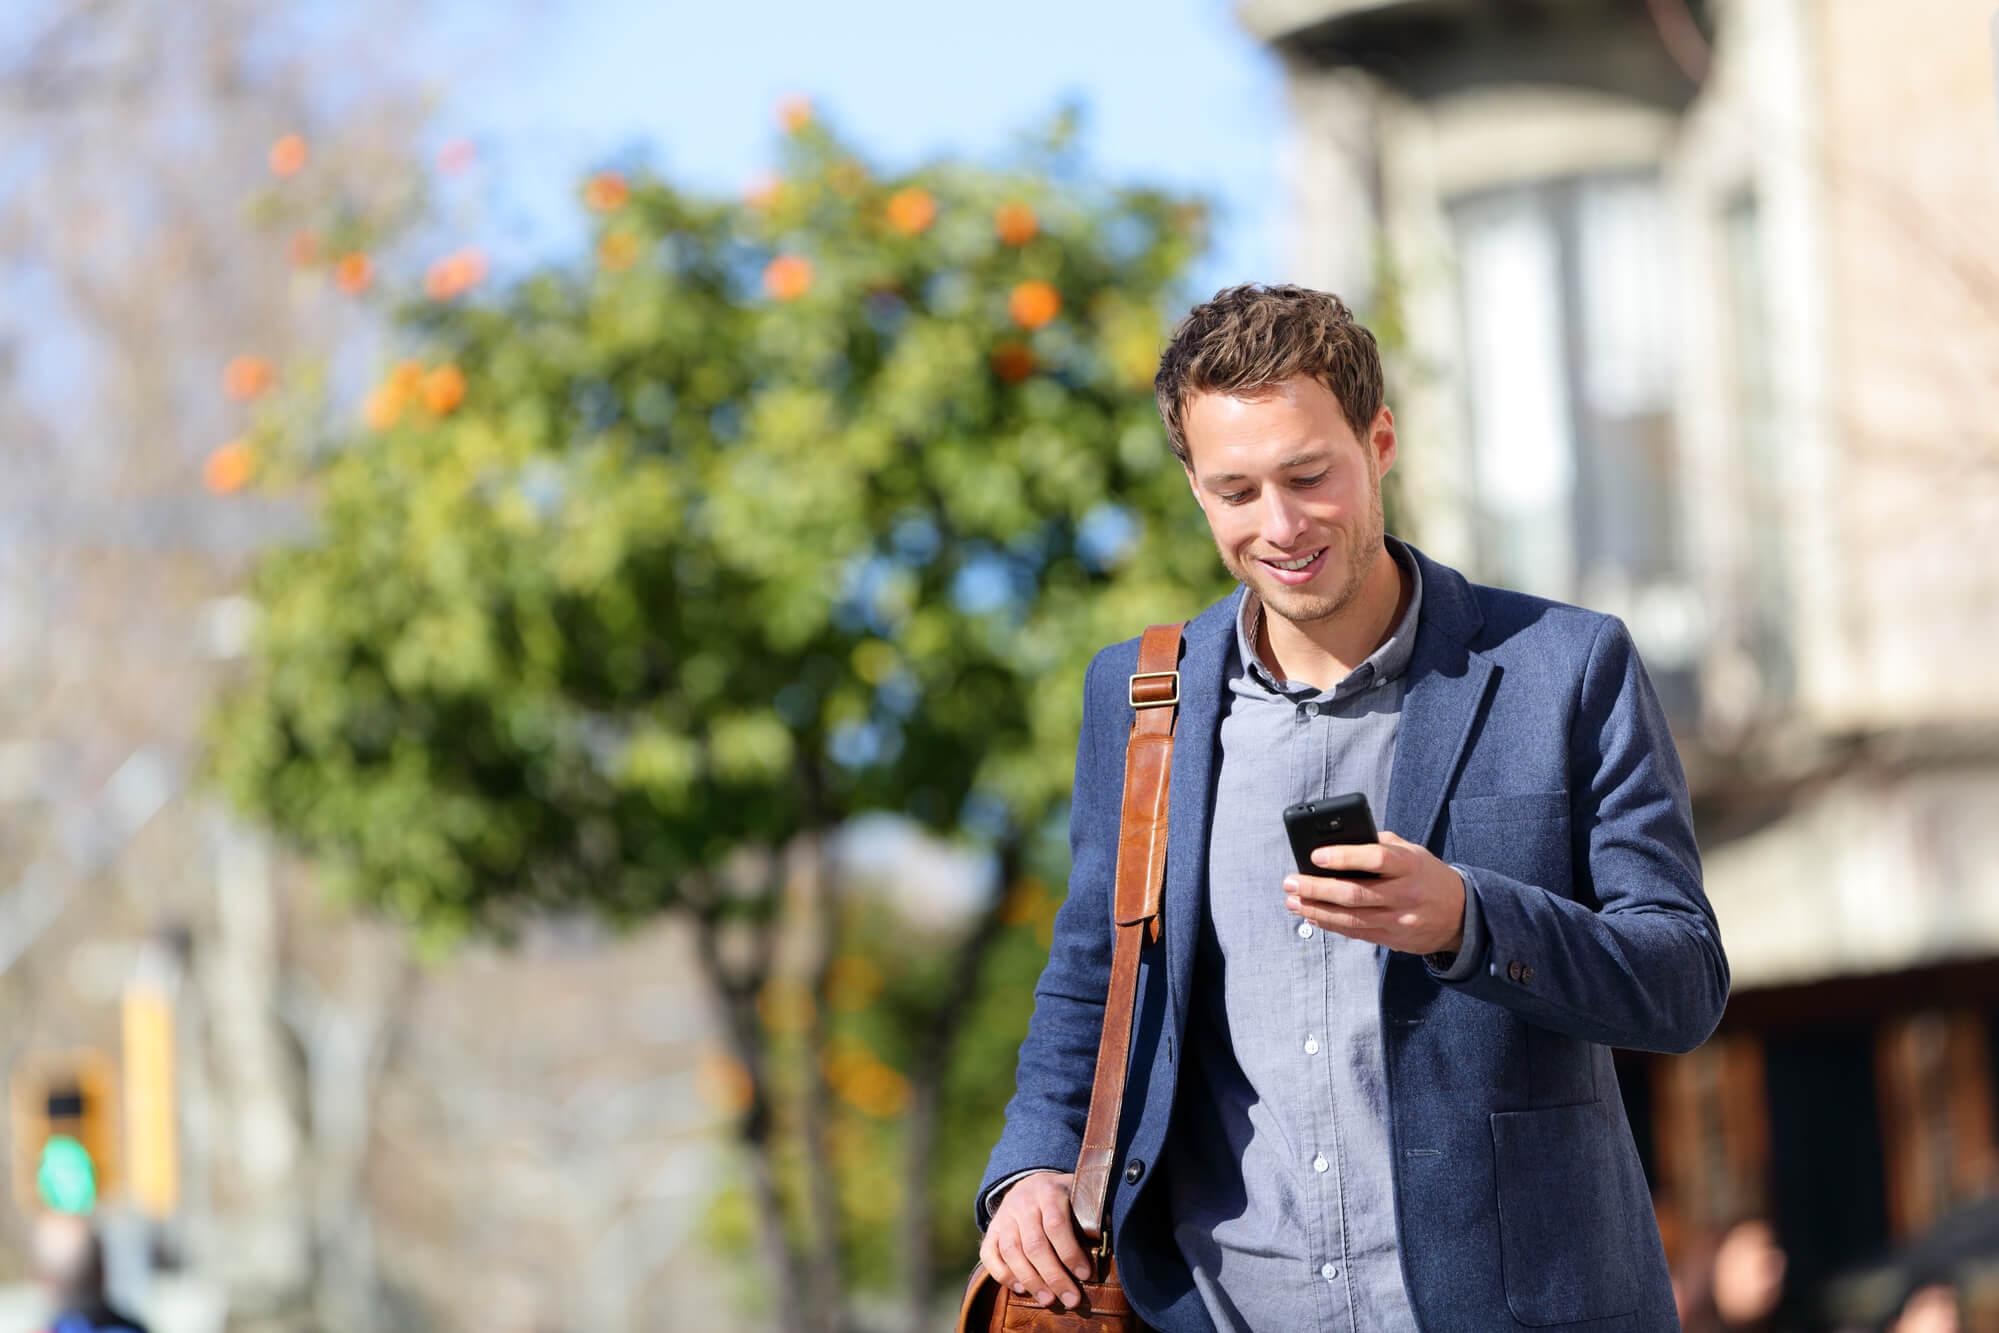 anuncio-de-promocoes-como-acertar-com-o-uso-do-sms-marketing